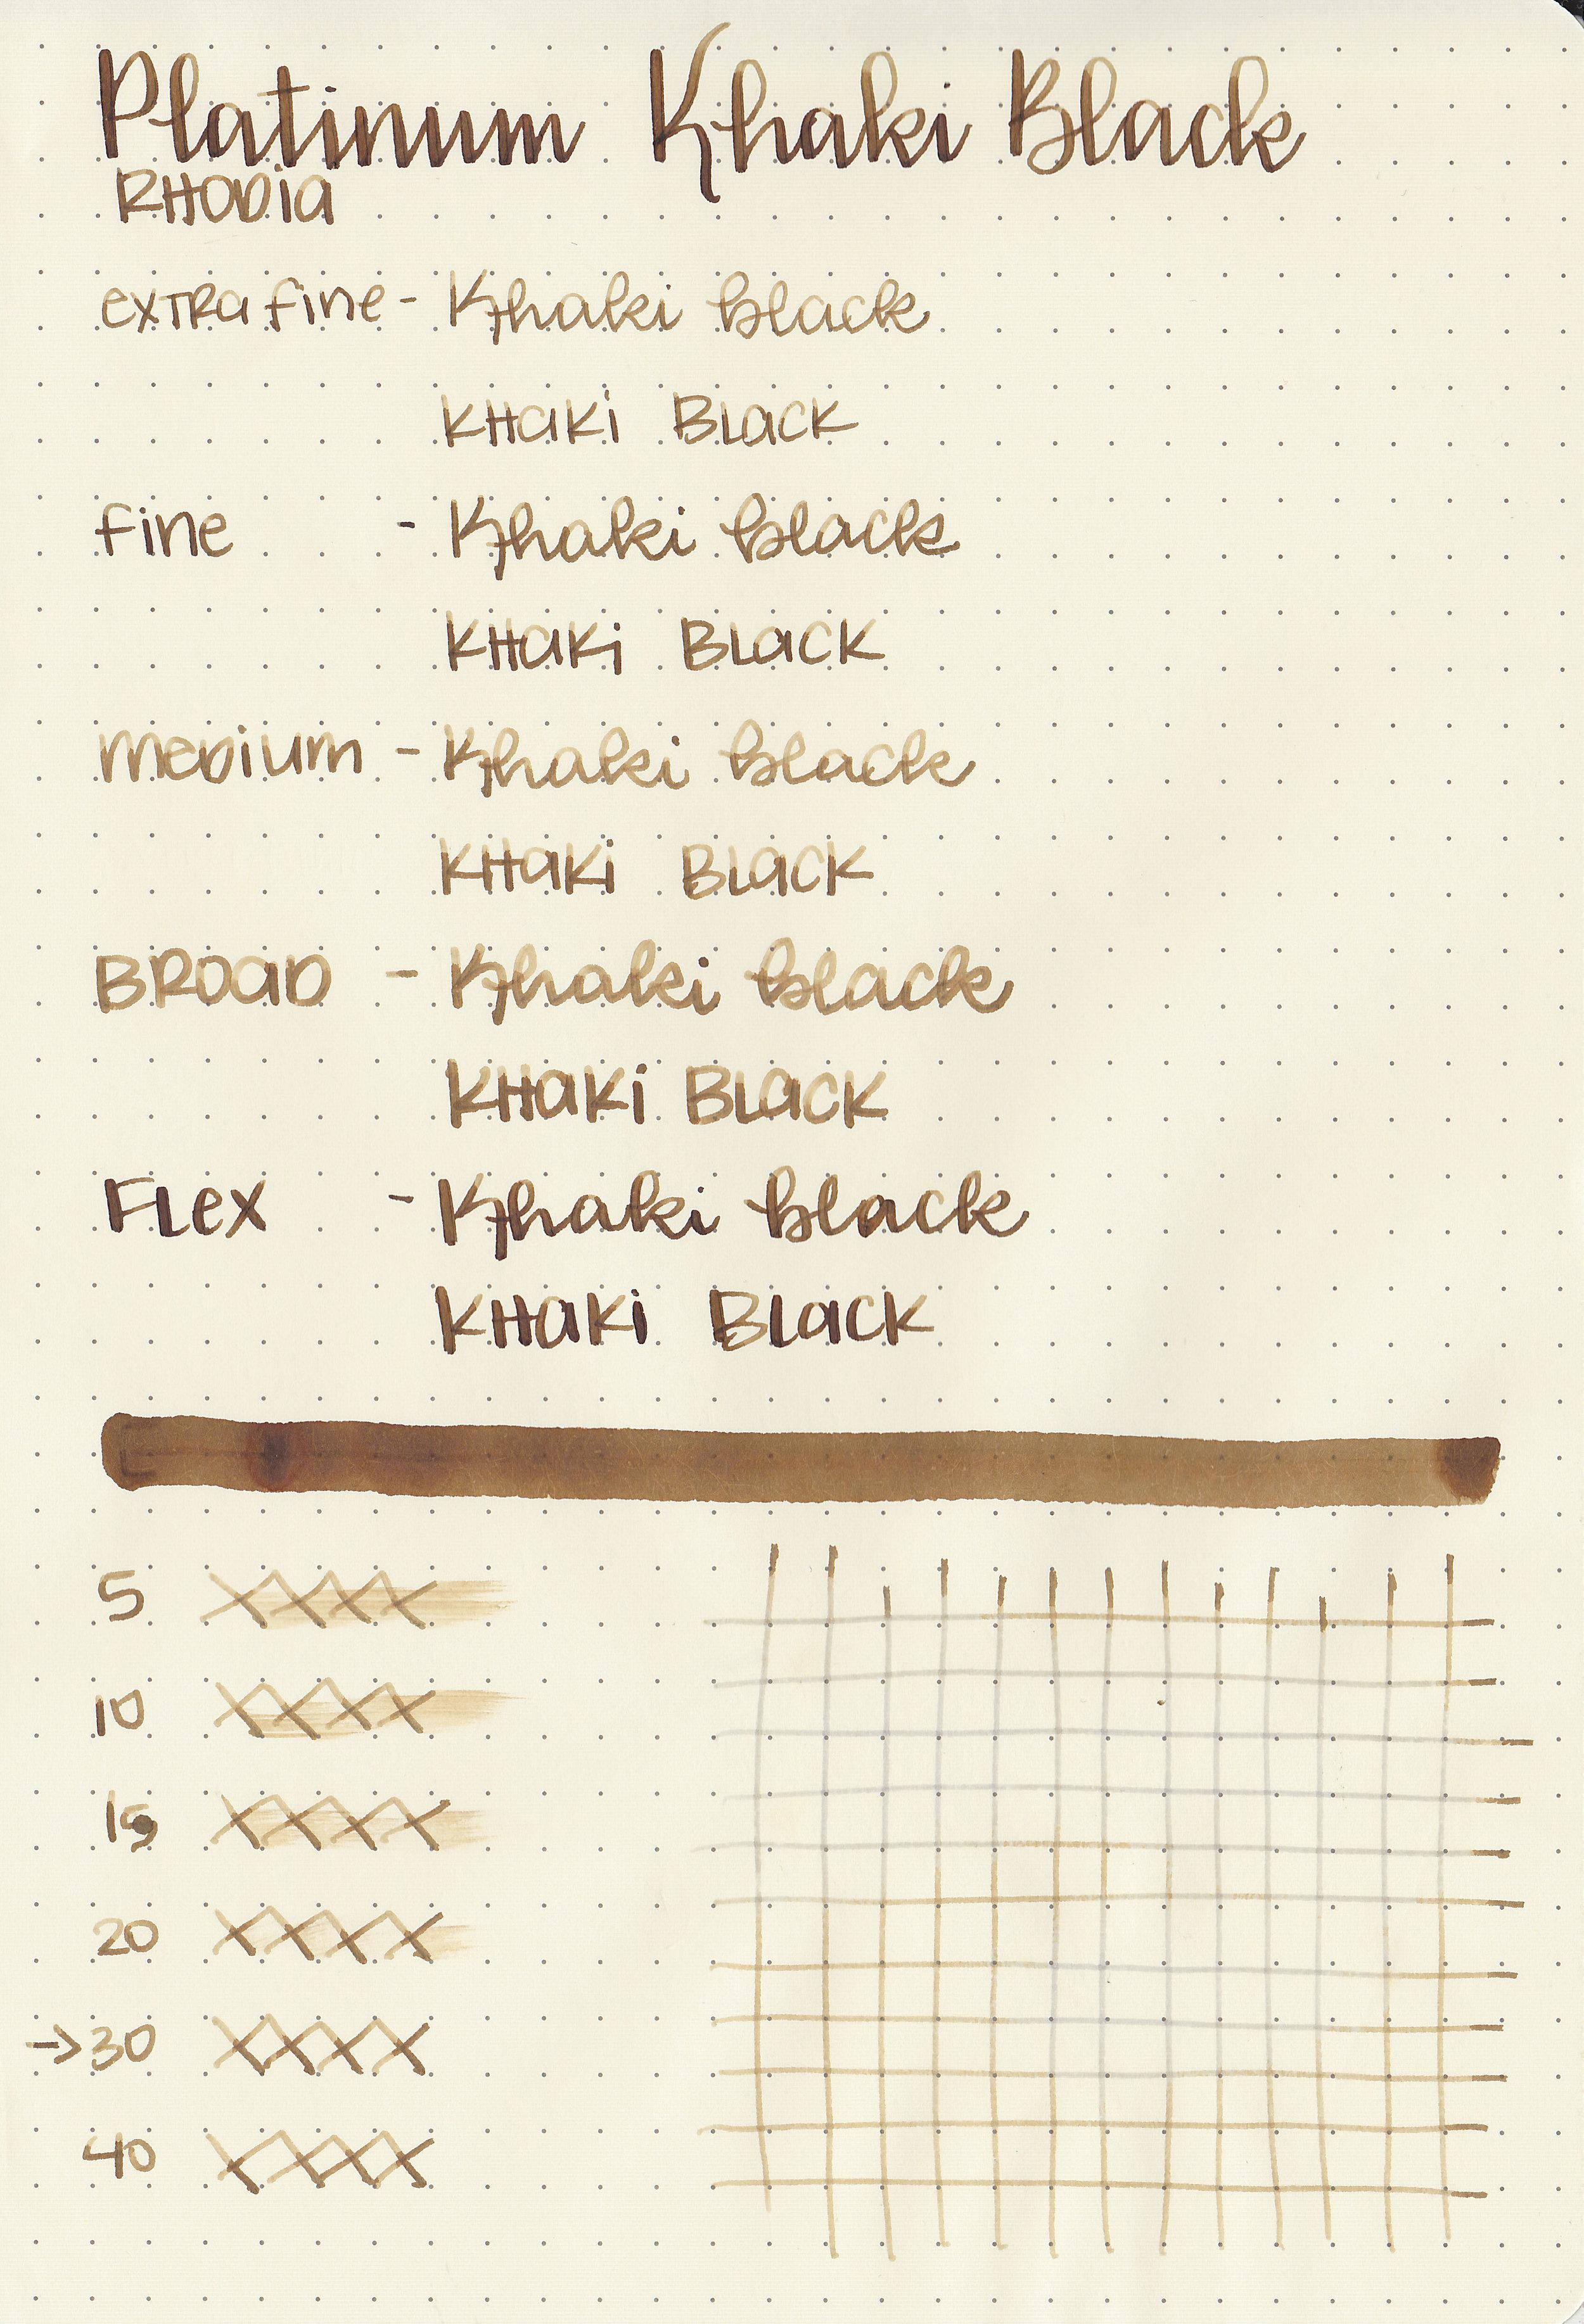 pl-khaki-black-5.jpg